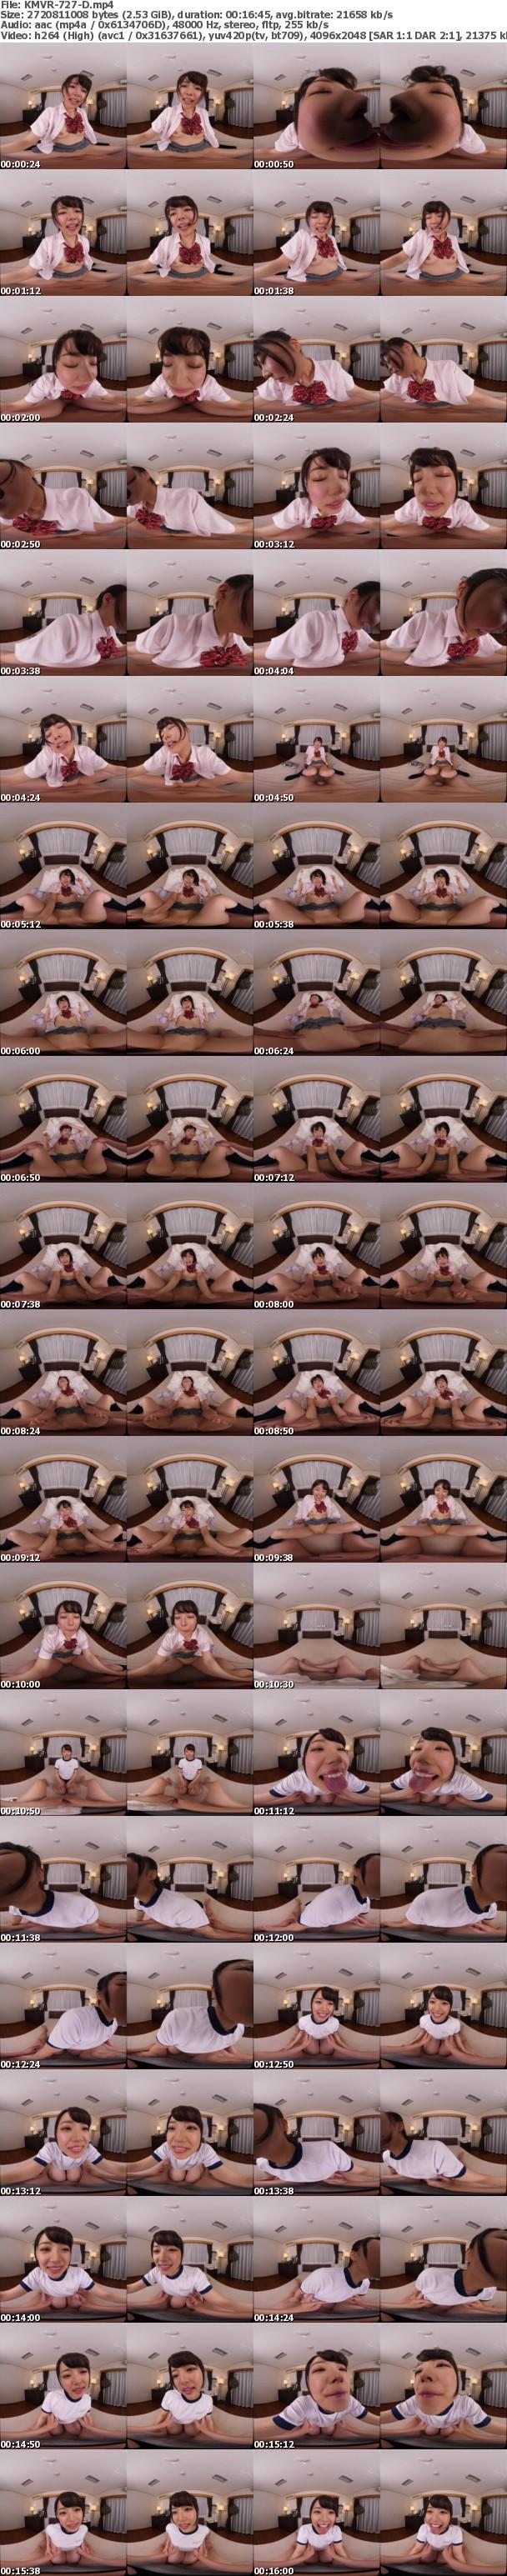 (VR) (LR) KMVR-727 一生で一番エロい敏感ピュア系コンパニオン!! 明日も指名したくなる学園系夜這い風俗店 宮沢ちはる